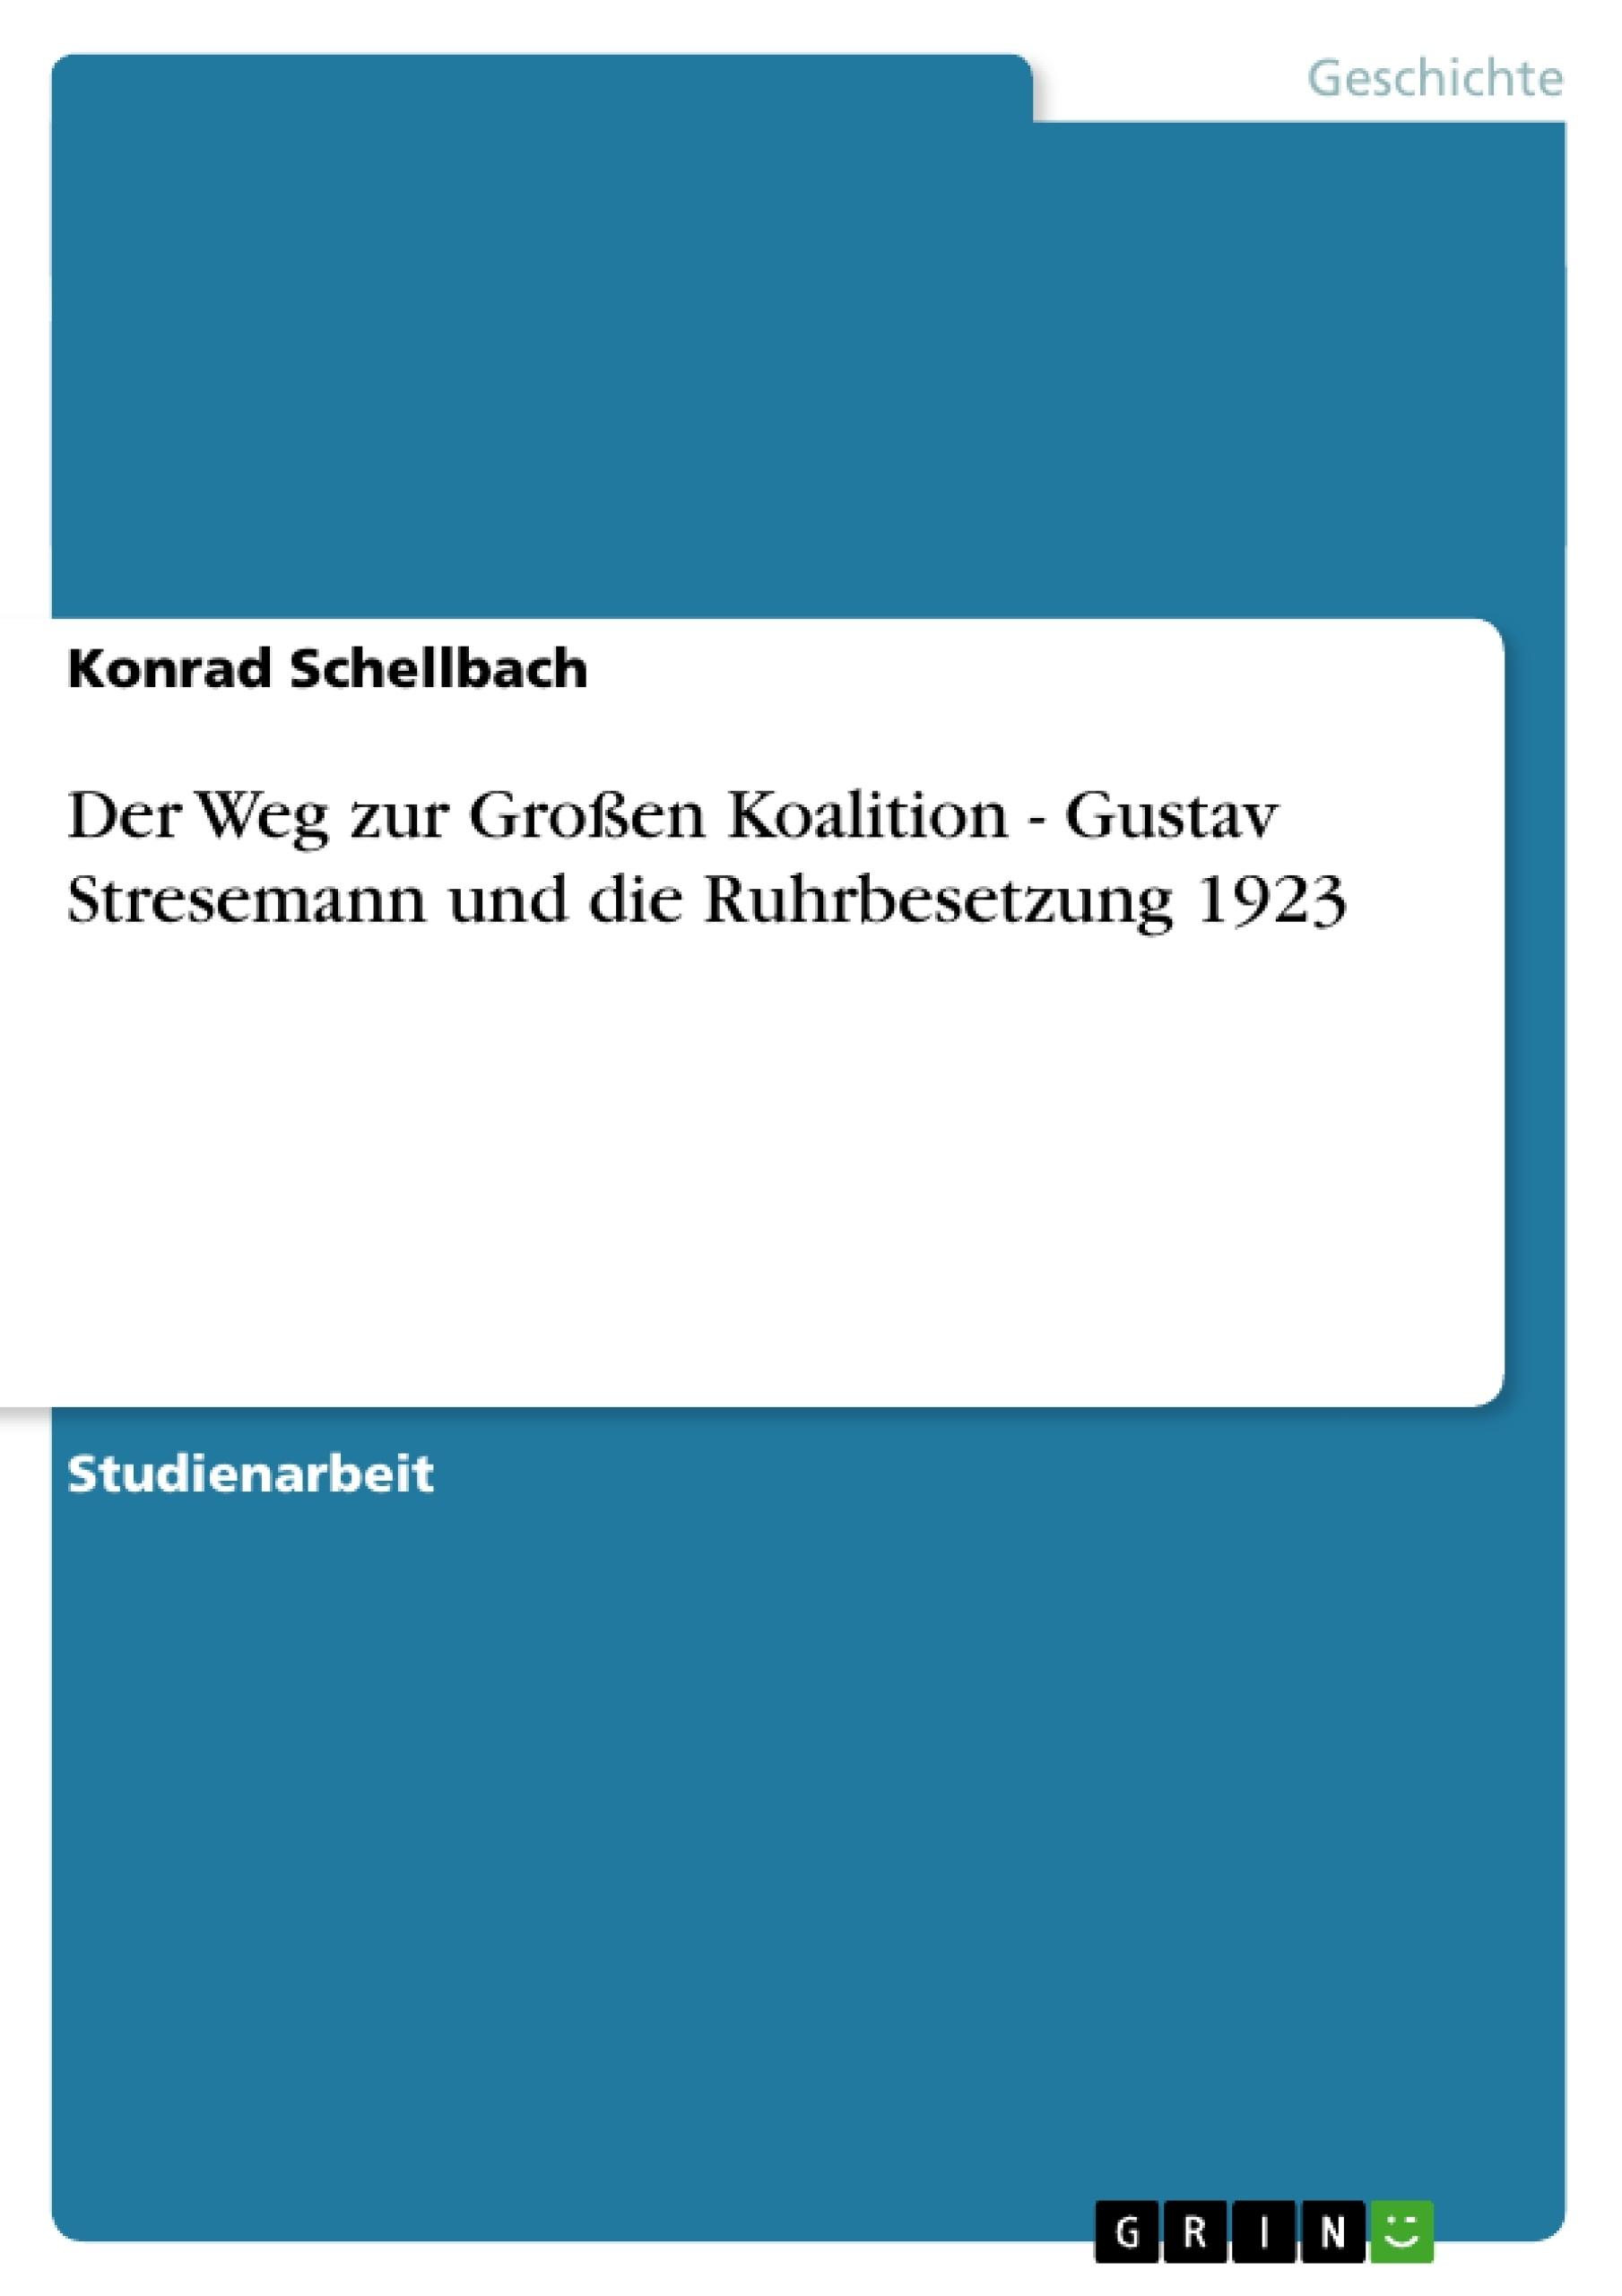 Titel: Der Weg zur Großen Koalition - Gustav Stresemann und die Ruhrbesetzung 1923